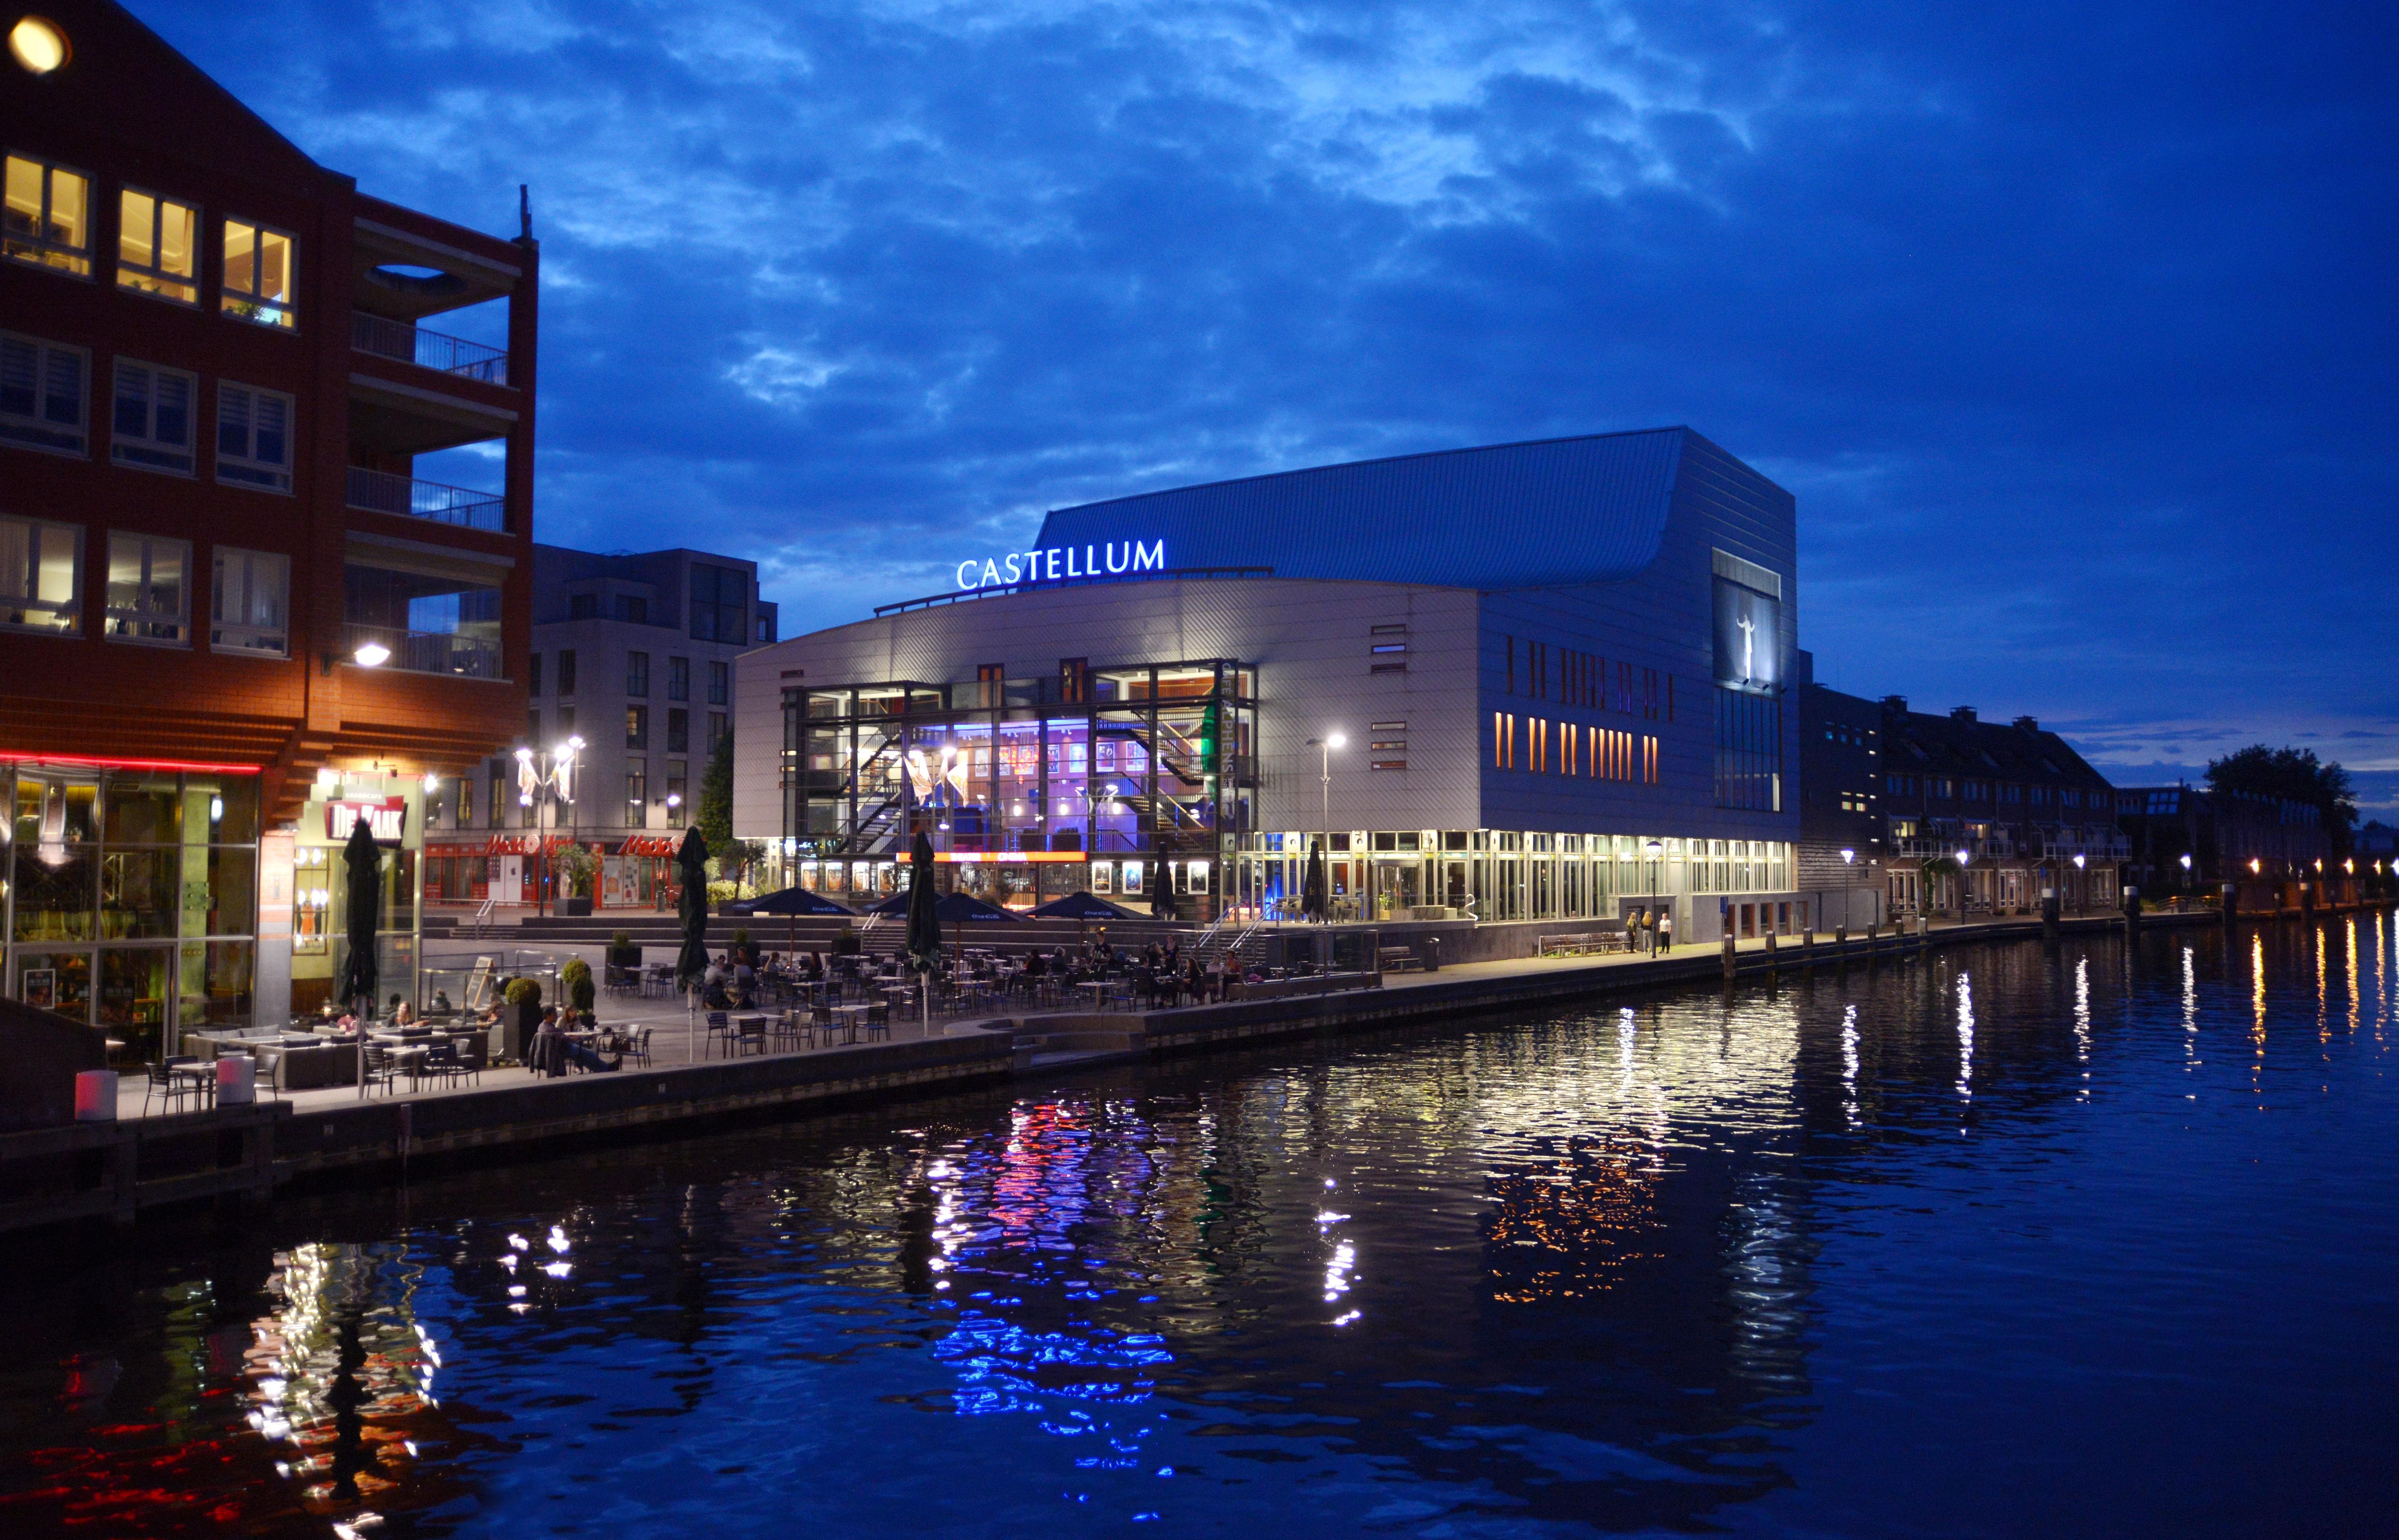 Gemeente Alphen begint aanbestedingsprocedure voor verkoop/verhuur theater Castellum